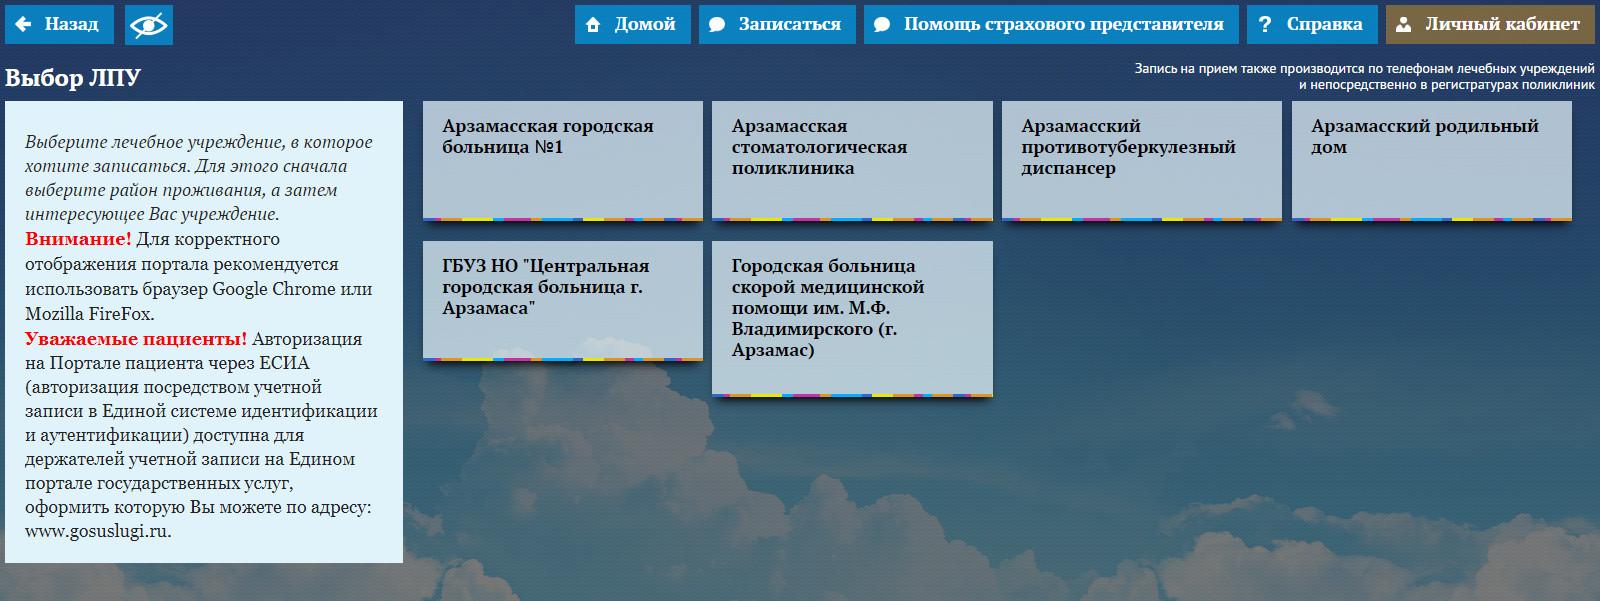 портал пациента Нижегородская область